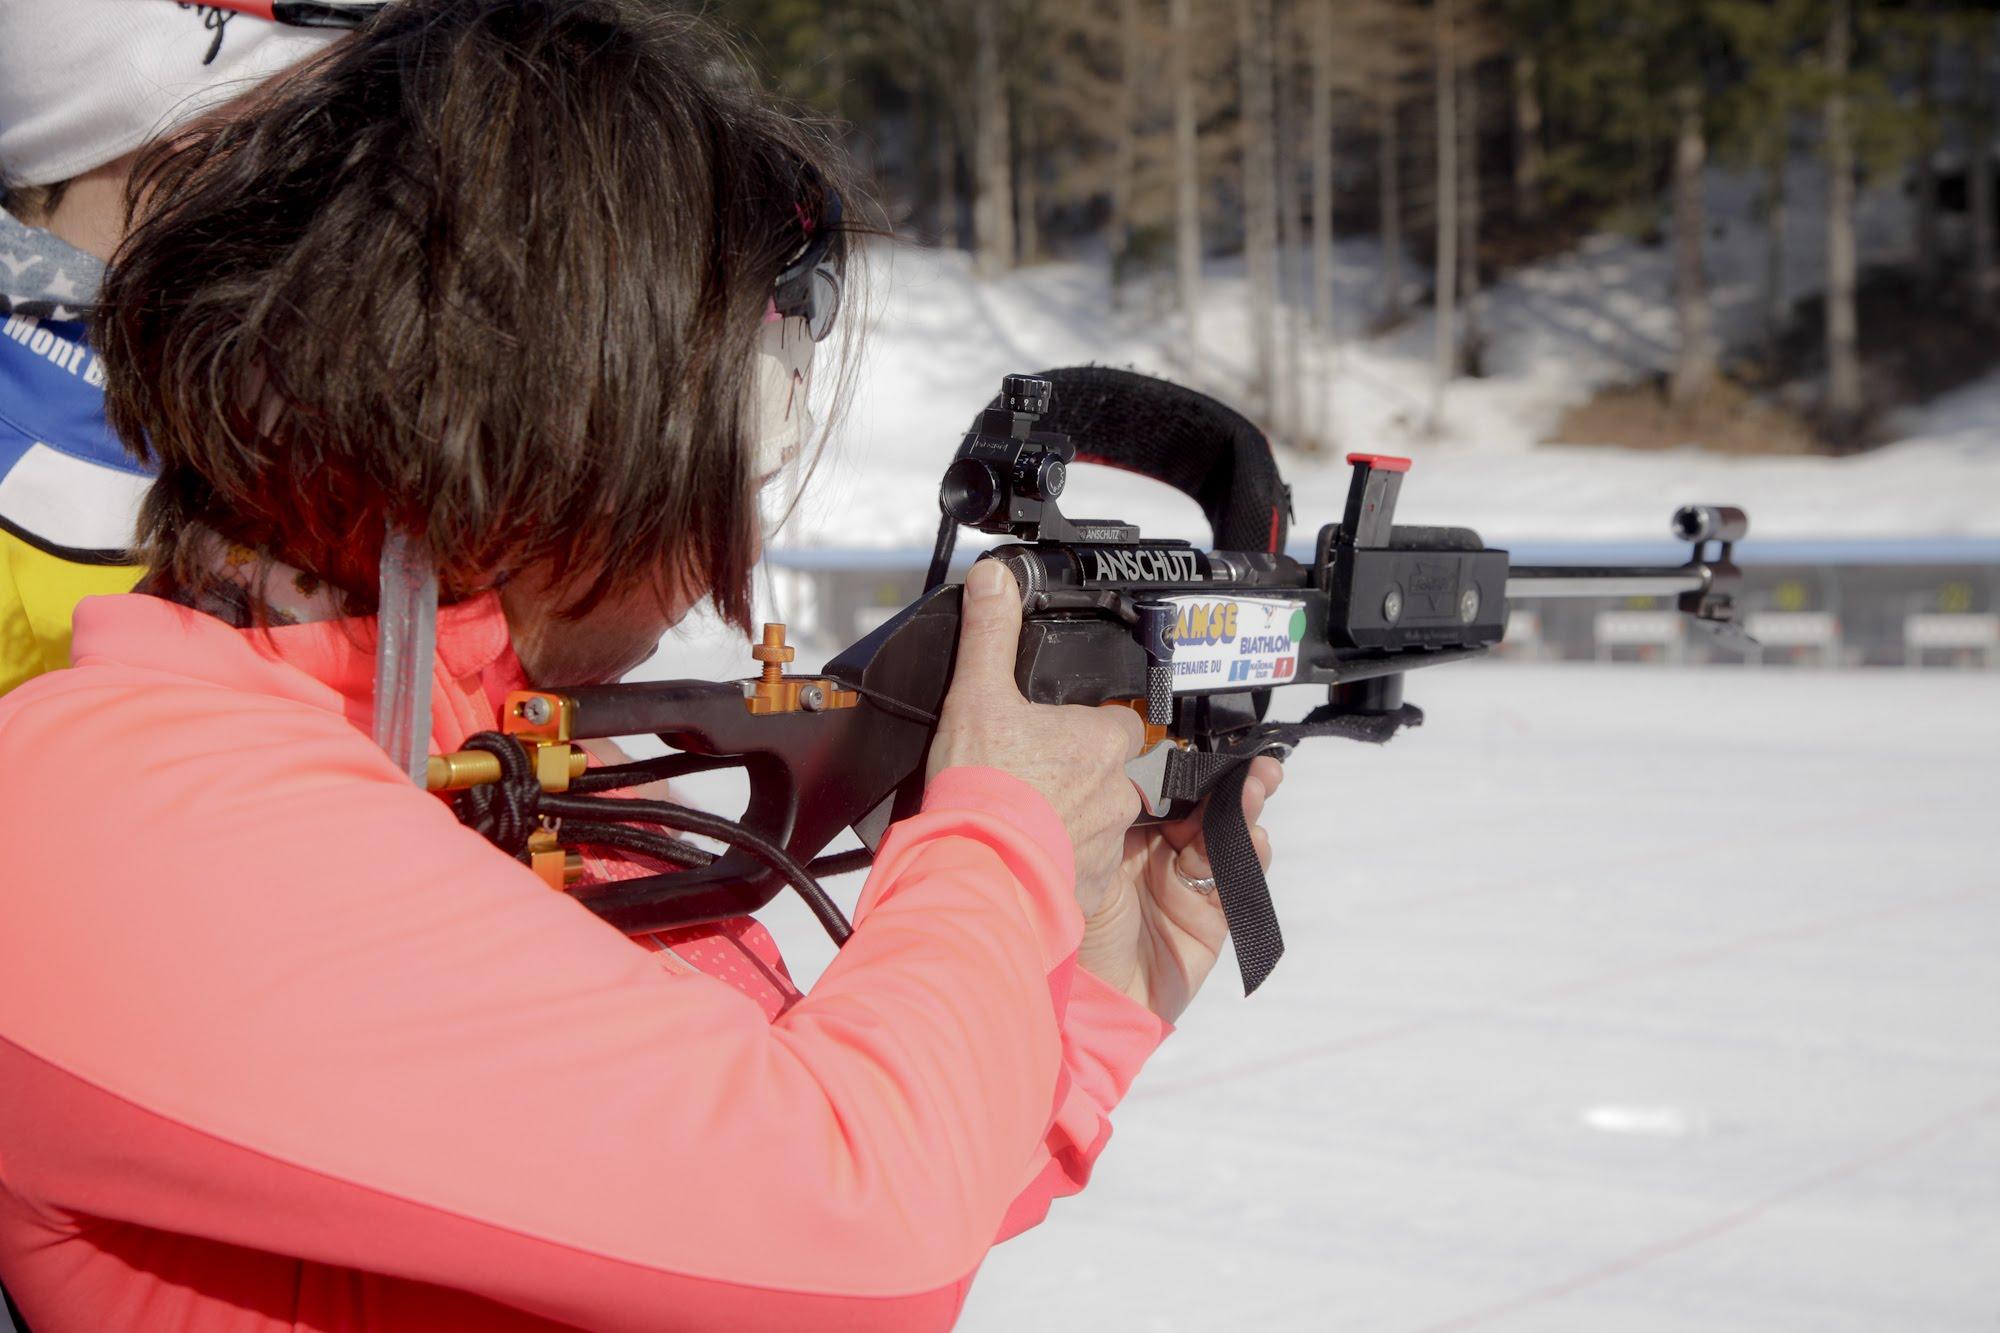 180224-BiathlonImpulse-Contamines-105